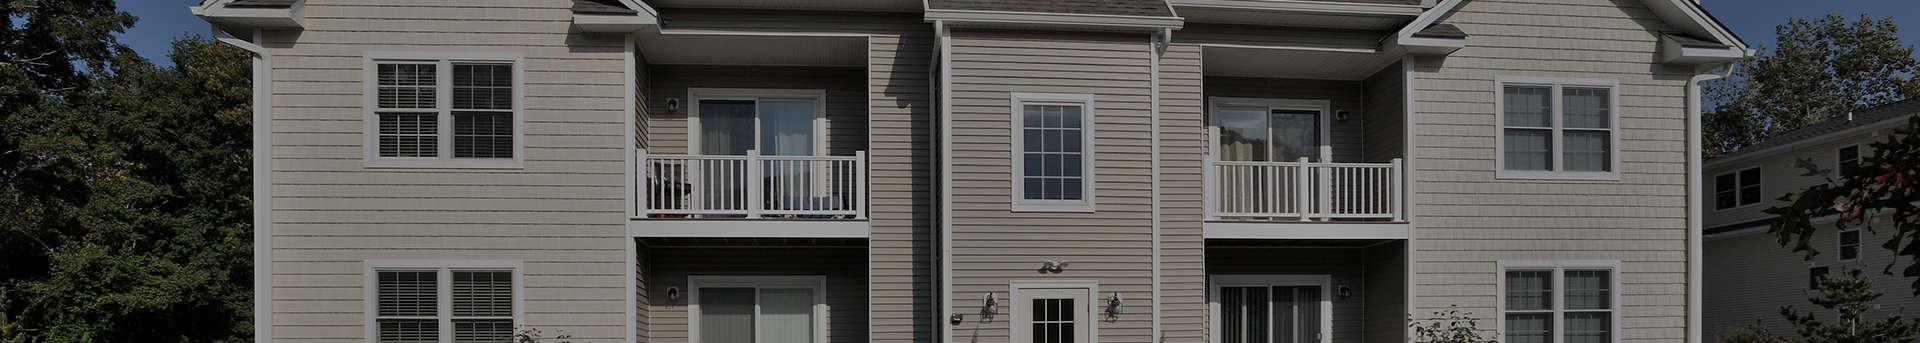 Multi family back fuller modular homes for Multi family home builders